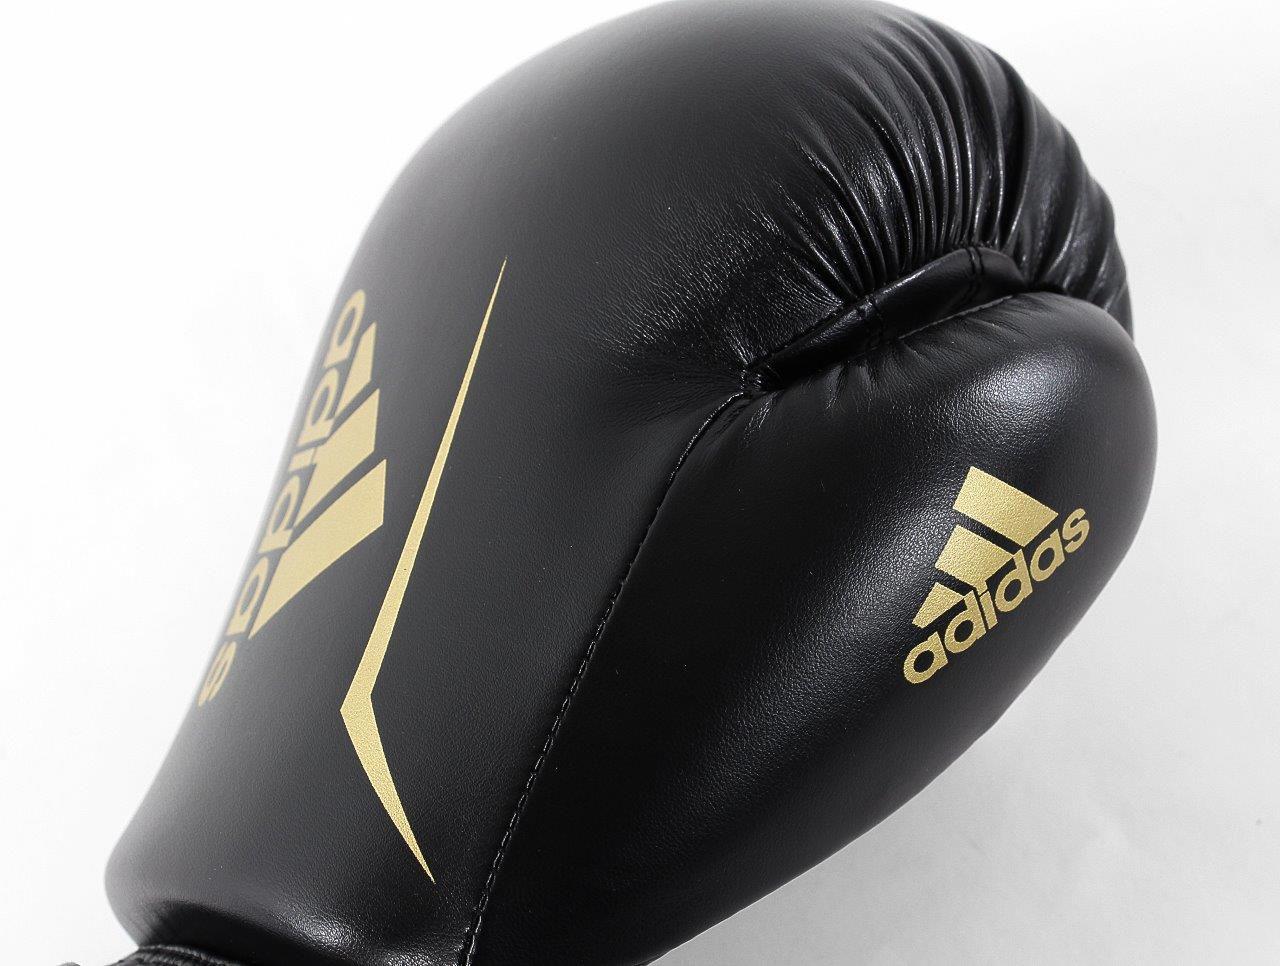 Luva de Boxe adidas Speed 50 Preto com Dourado Tam.16OZ